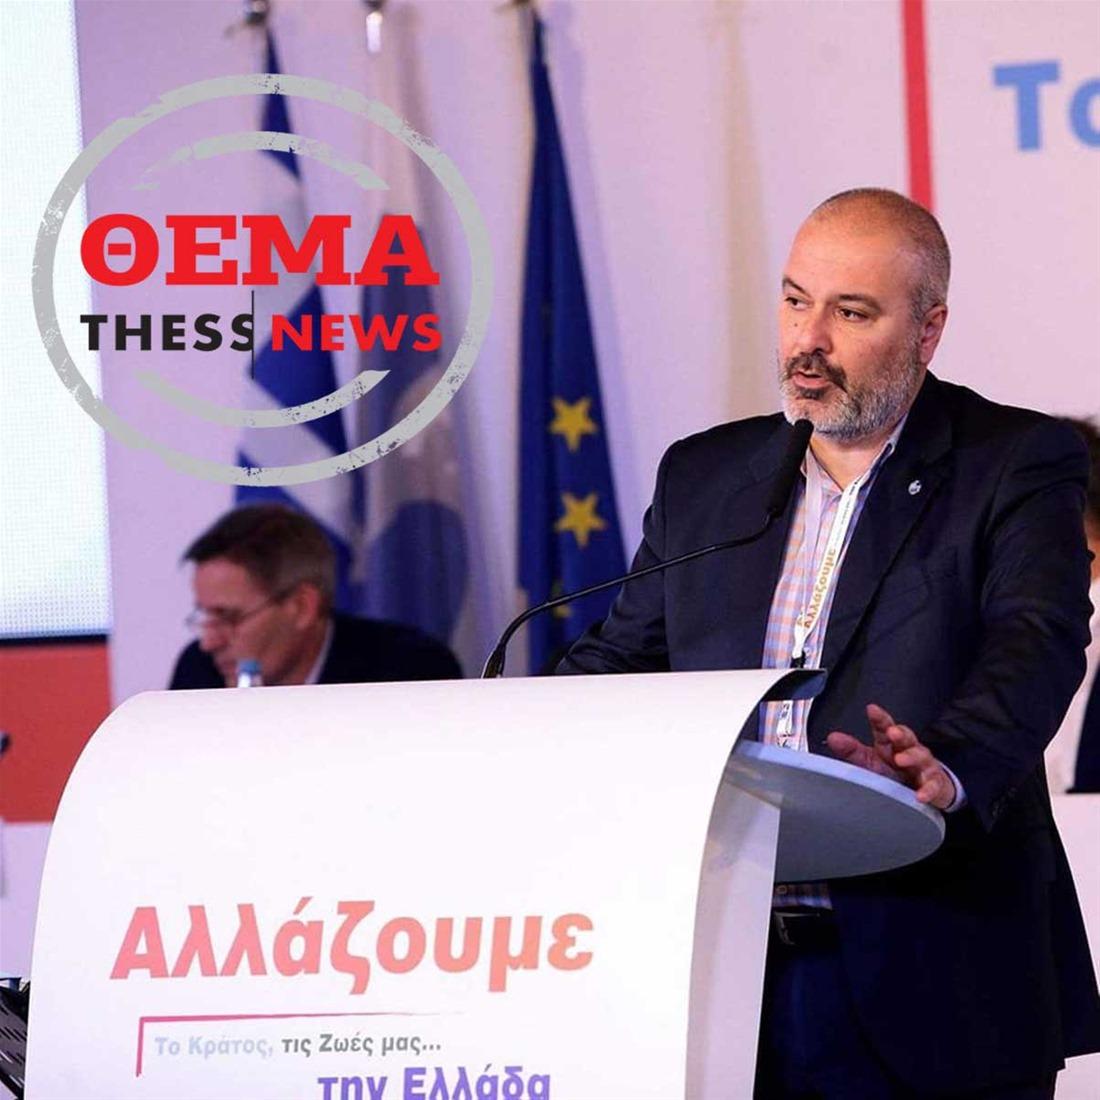 Γ. Κυριλλίδης στην ThessNews: «Ο δήμος έχει μείνει στάσιμος»